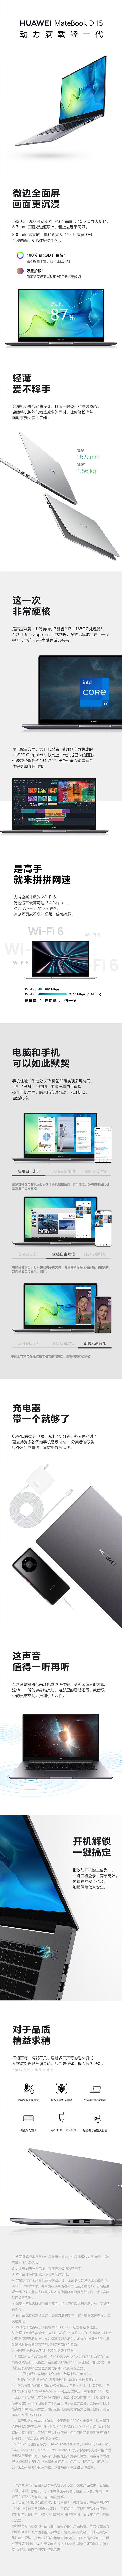 一图看懂华为MateBook D 15 2021款笔记本-玩懂手机网 - 玩懂手机第一手的手机资讯网(www.wdshouji.com)